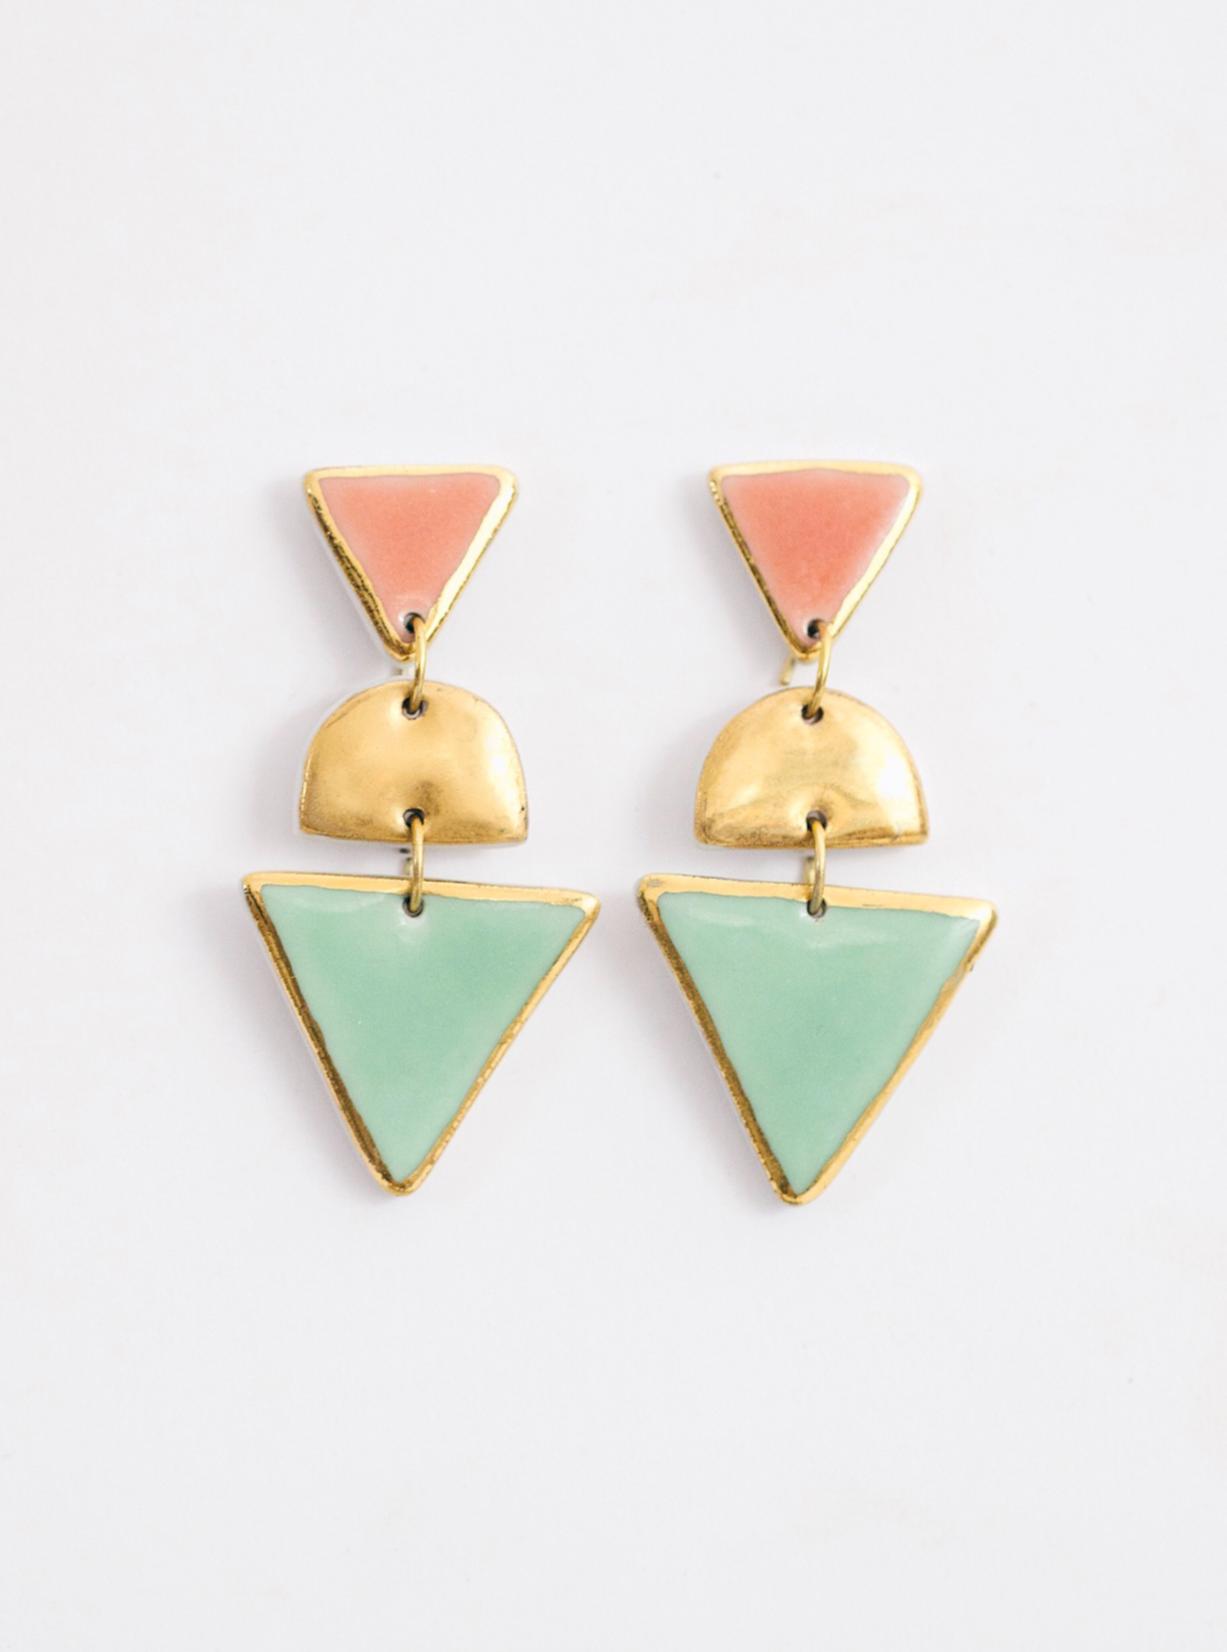 Геометрические серьги Cosmicbead, треугольные серьги, купить модные серьги, зеленые серьги, цветные серьги